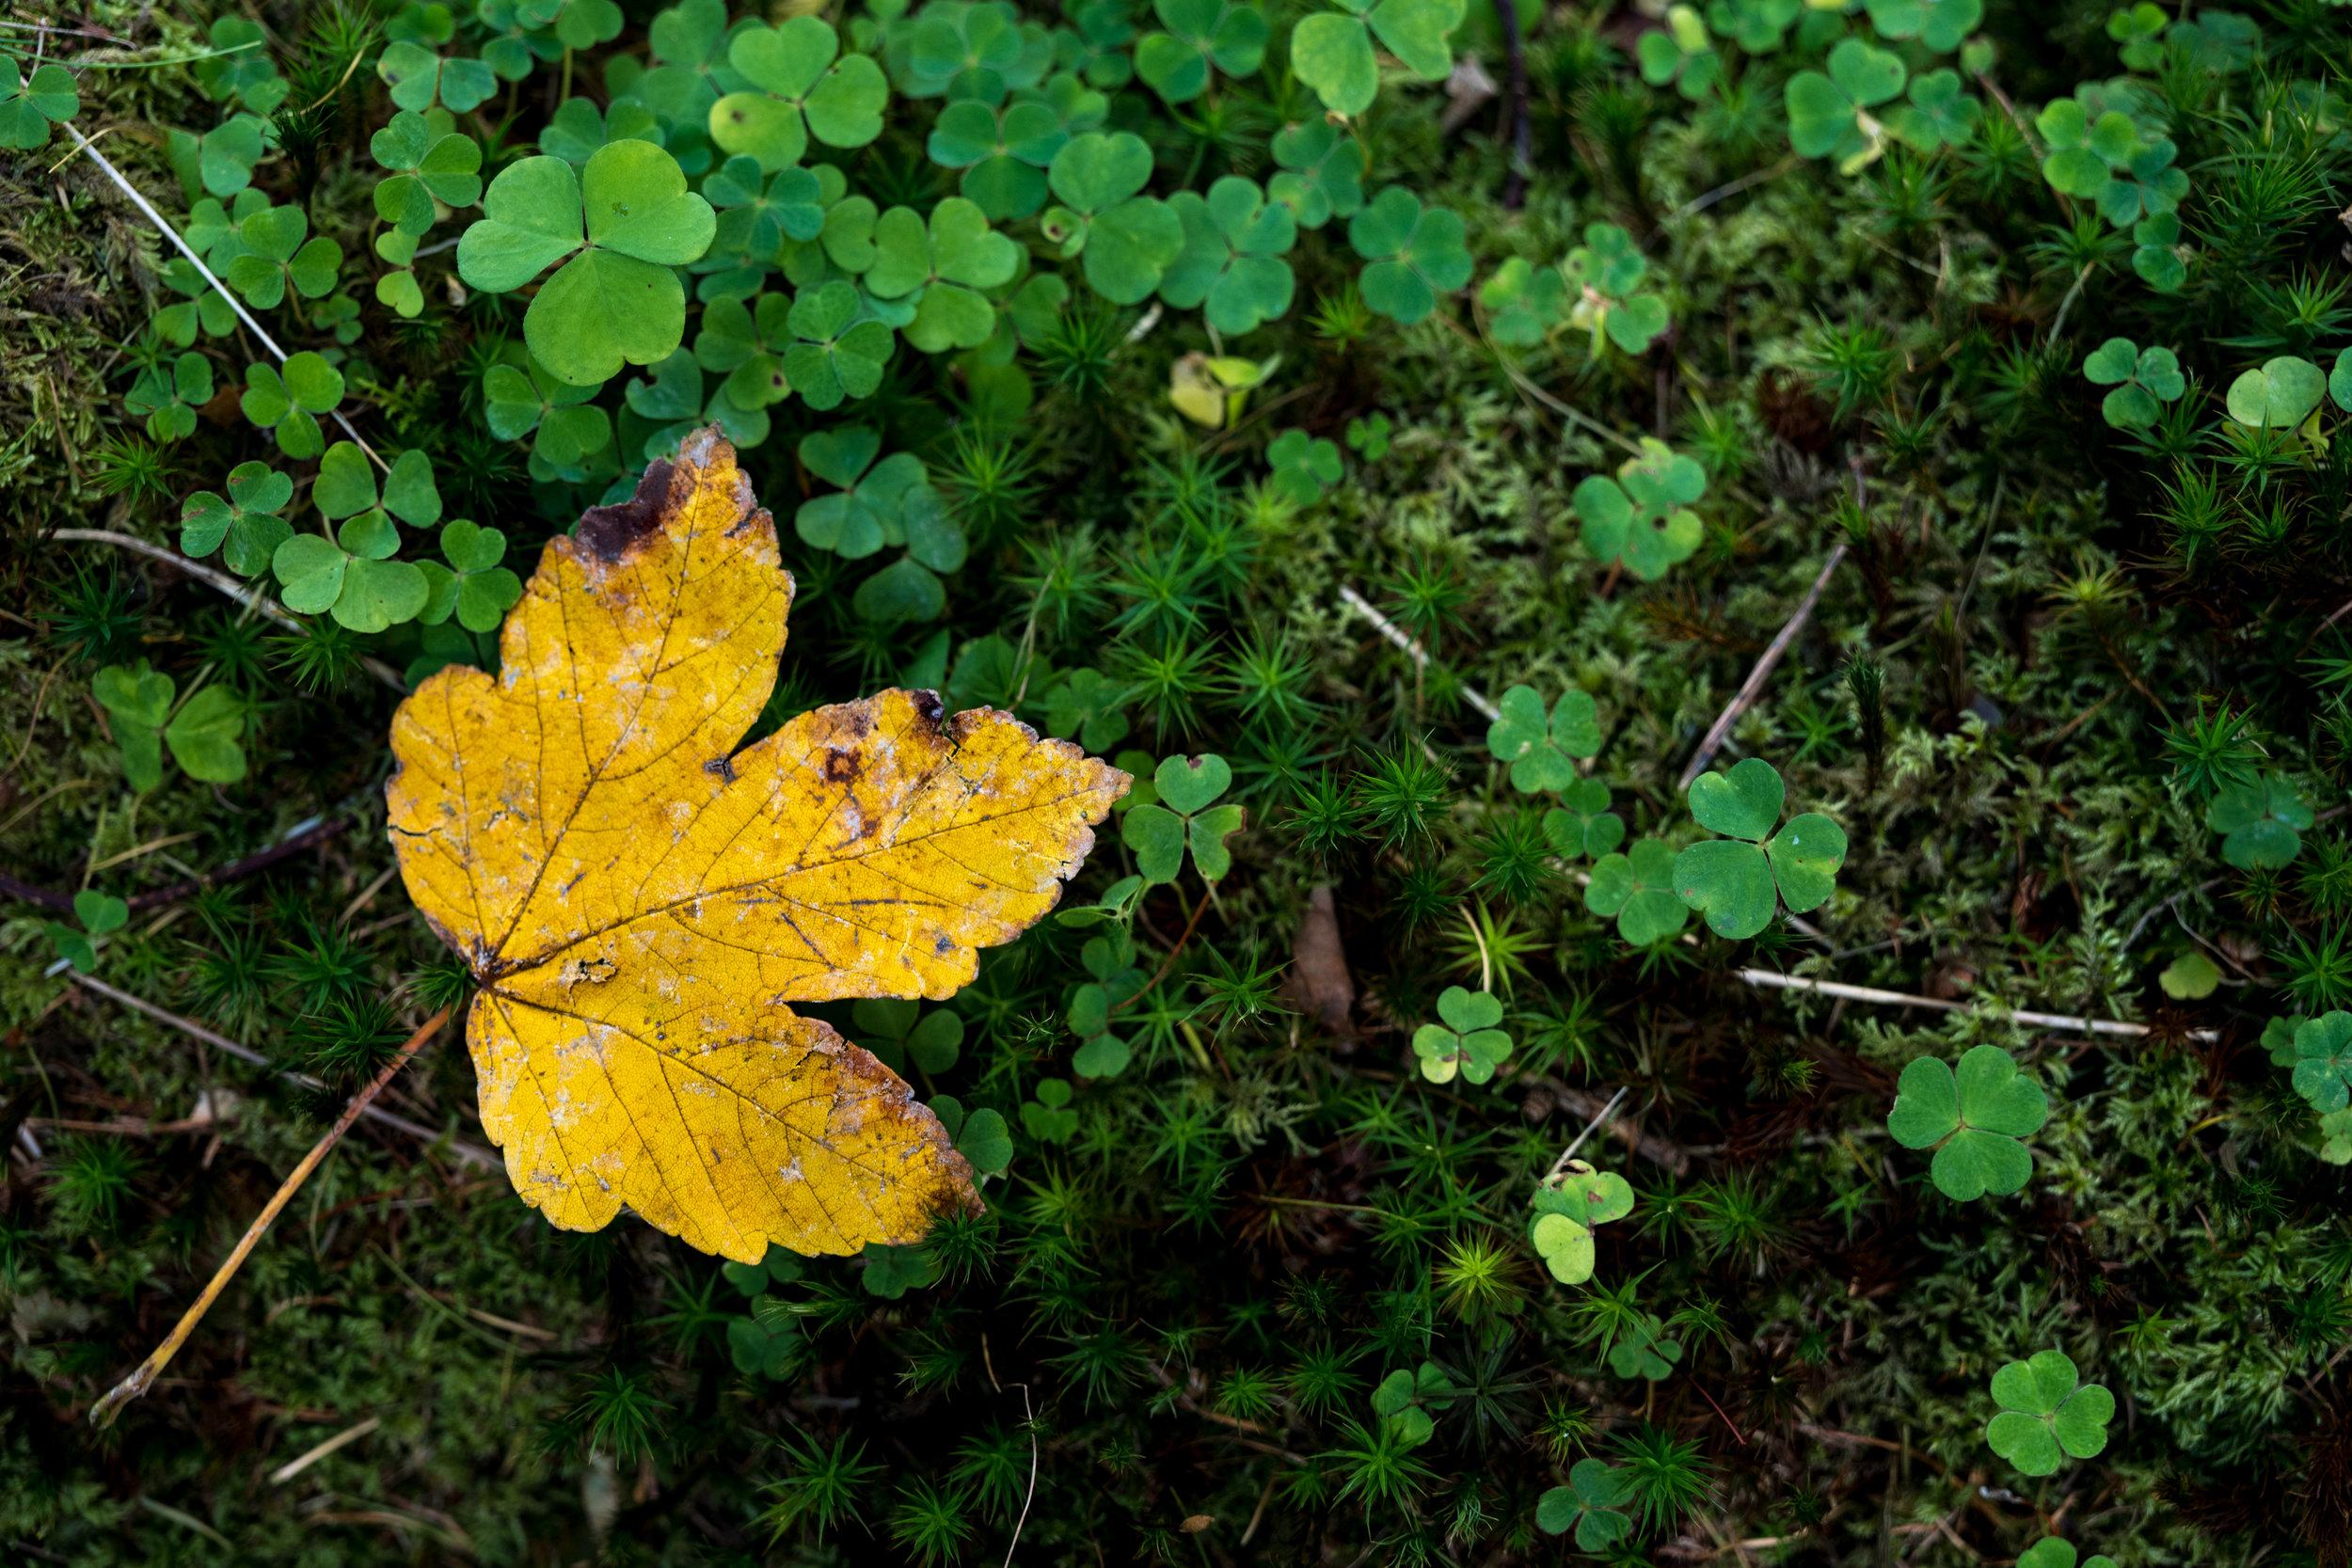 Yellow leaf on a log